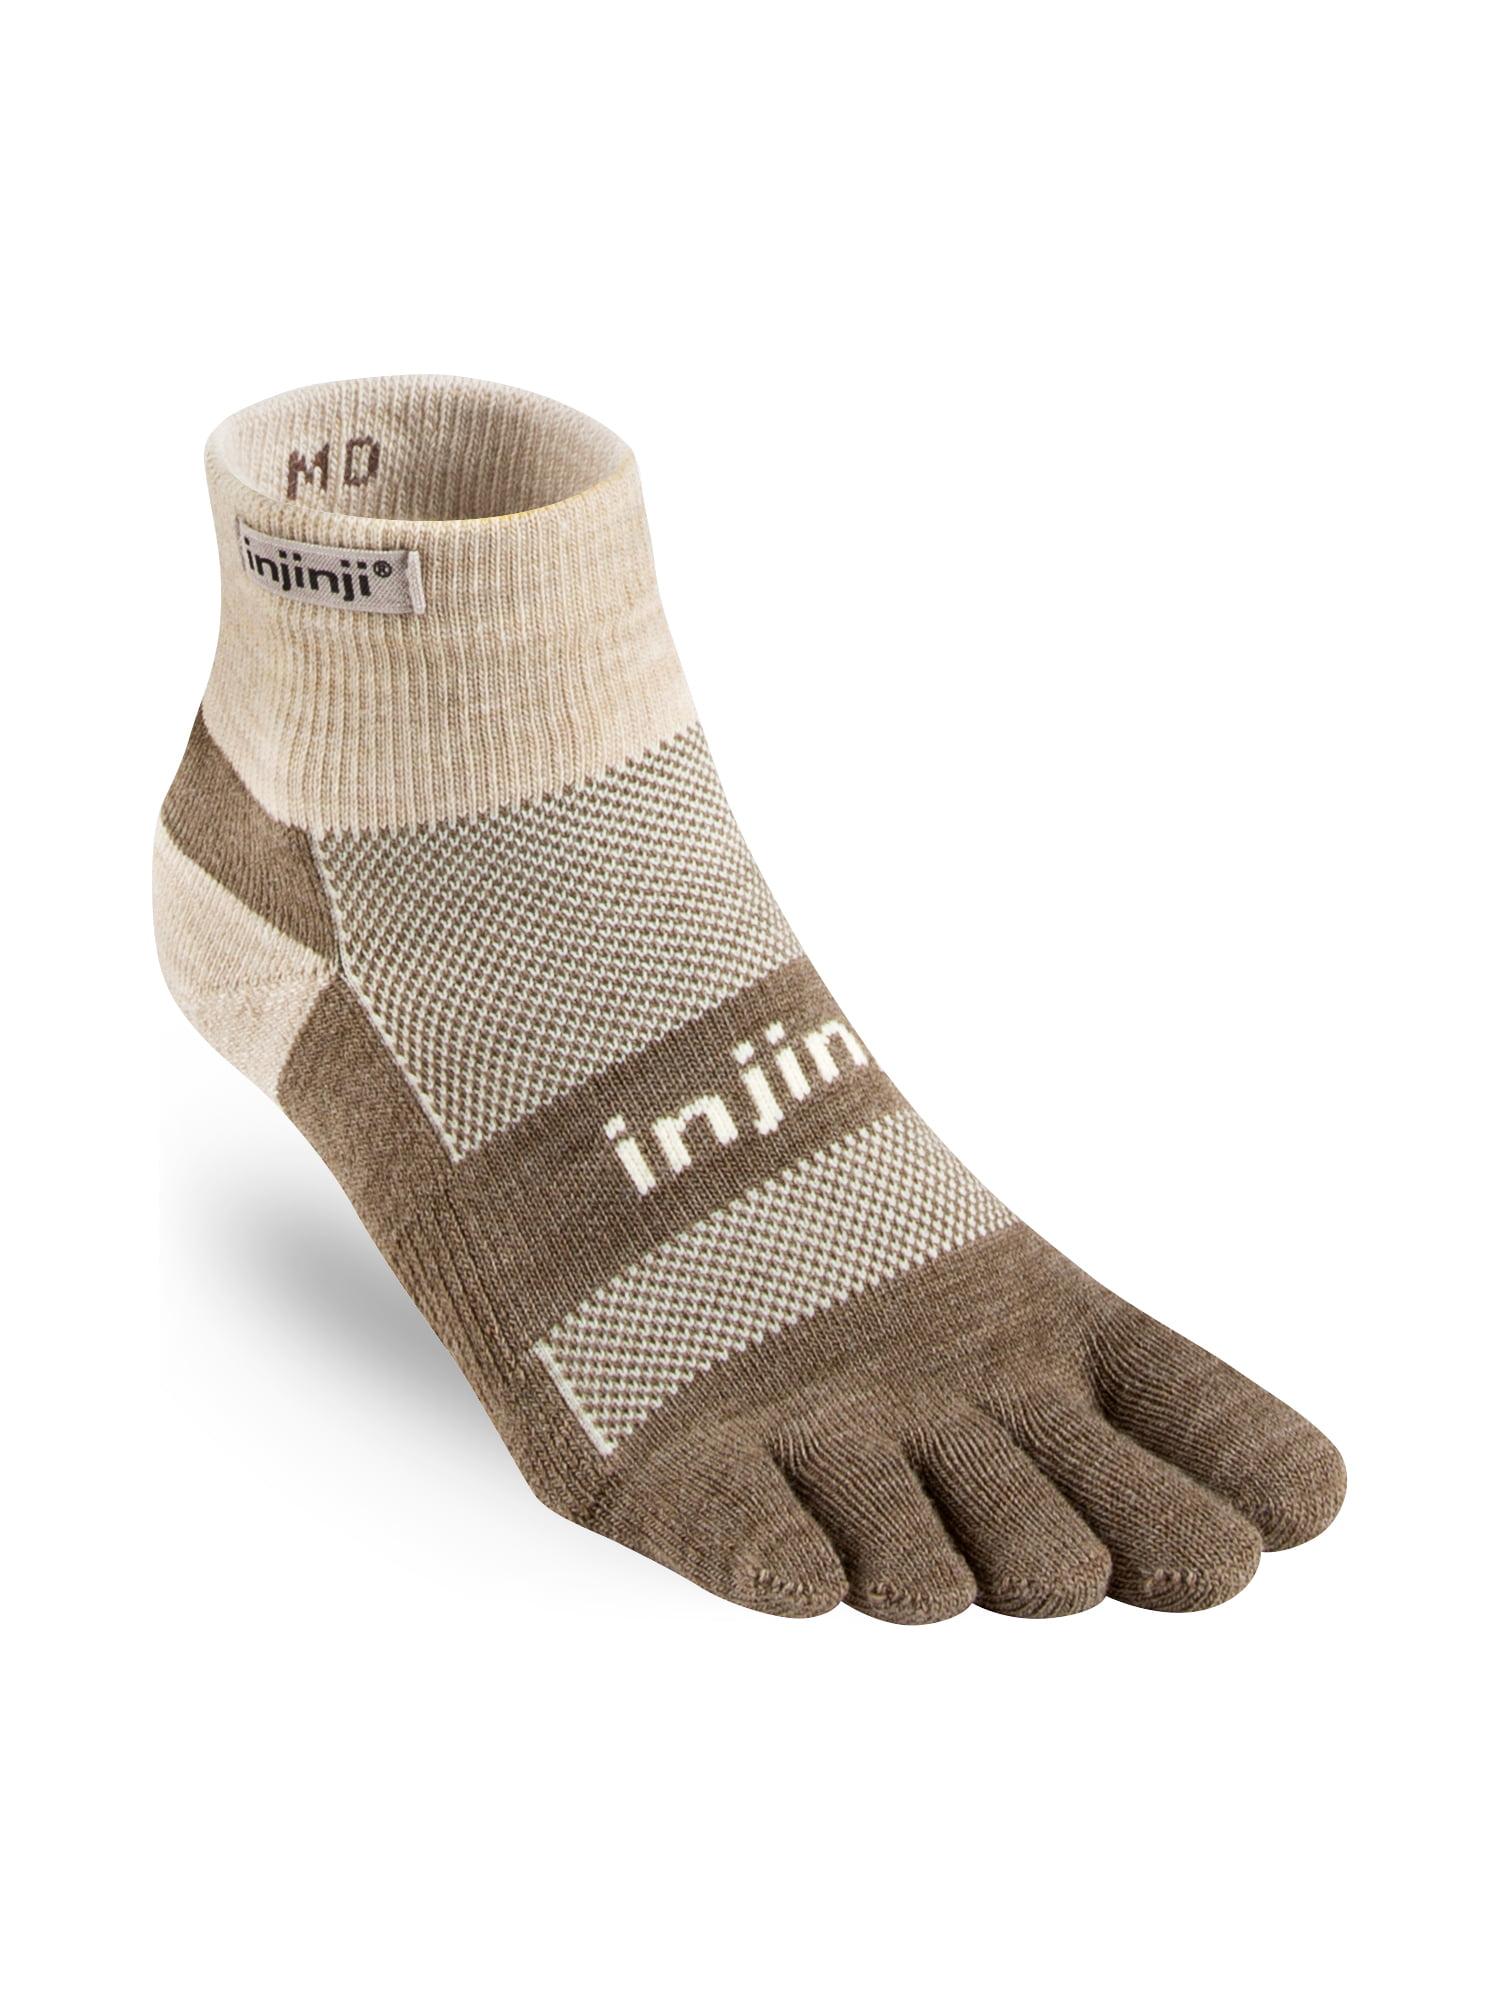 Outdoor Midweight Mini-Crew Wool Socks (Oatmeal, X-Large)